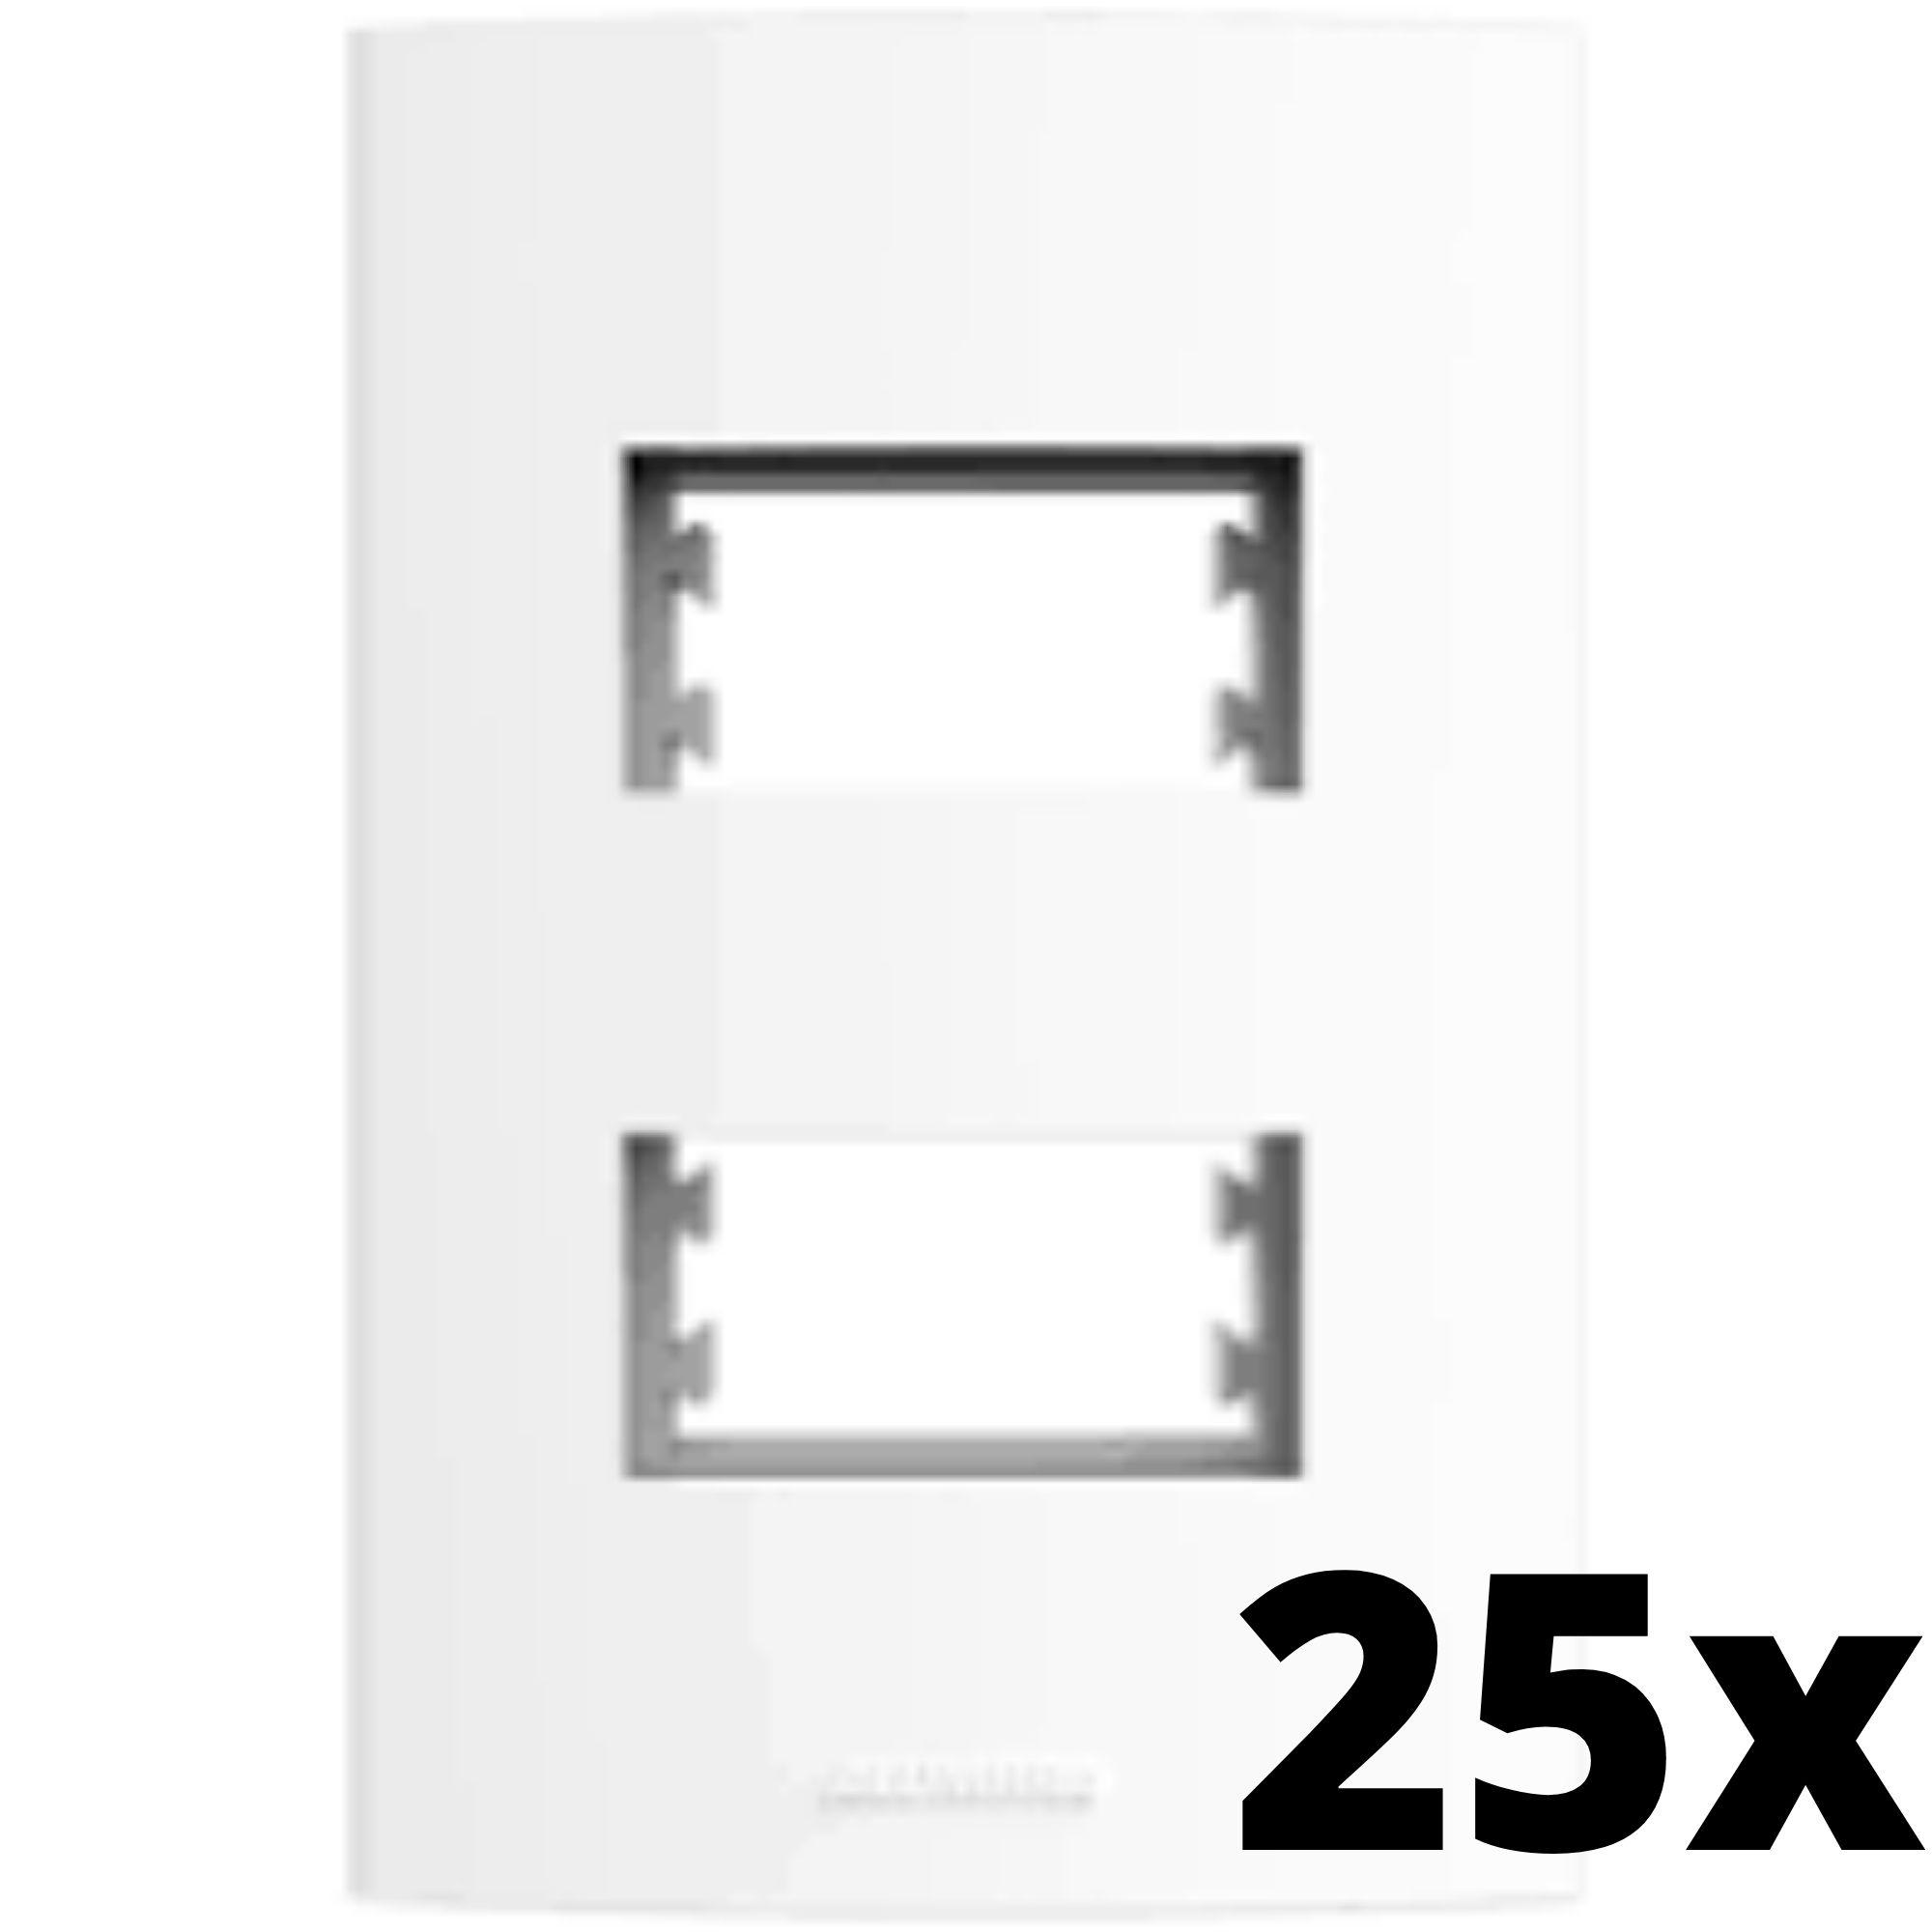 Kit 25 und Alumbra Bianco Pró Placa 4x2 2 Seções Distanciadas